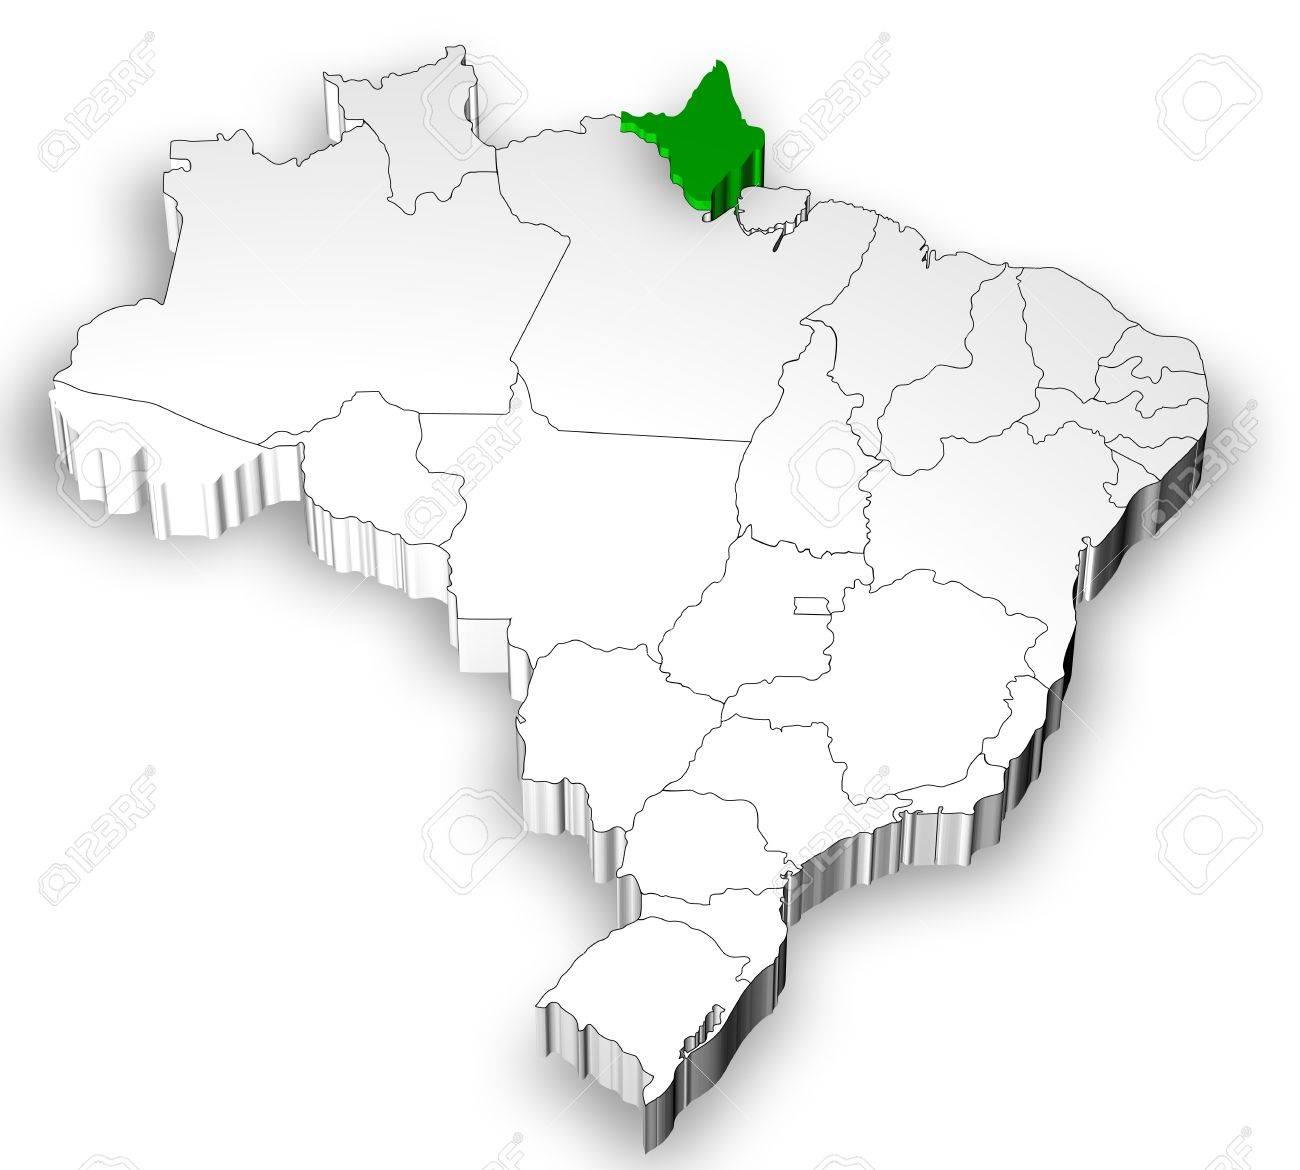 ブラジル合衆国